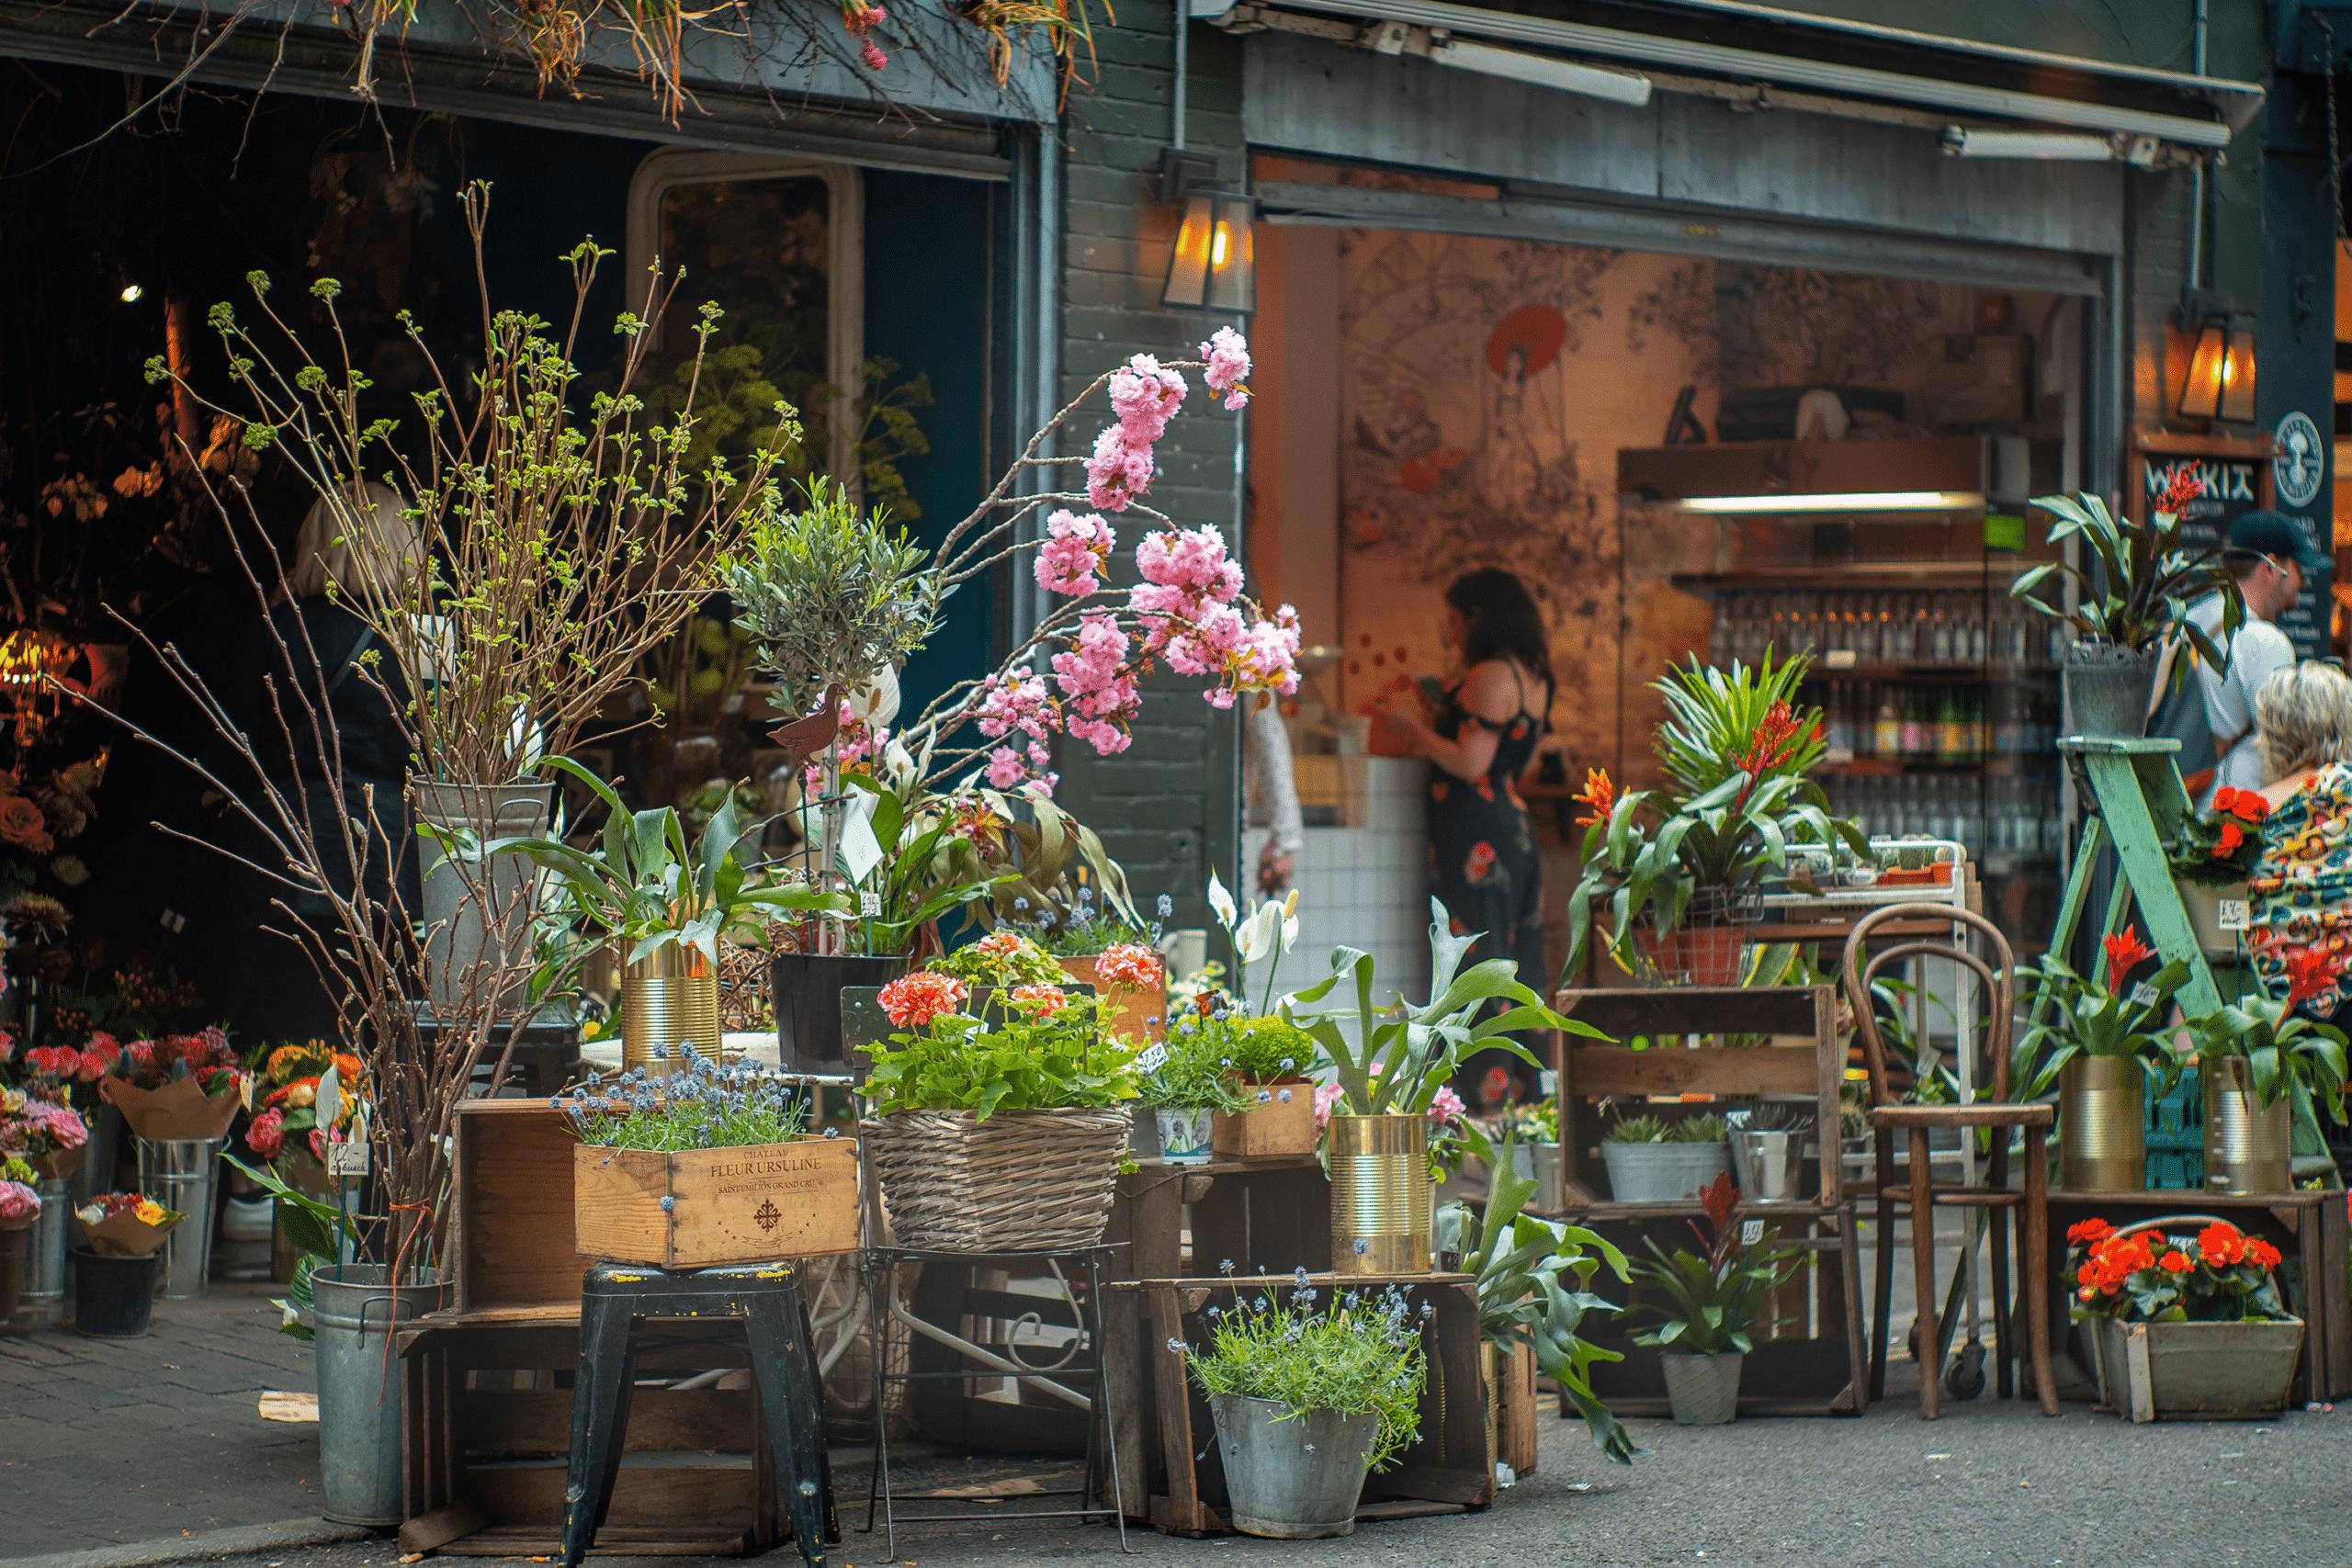 Vue sur la devanture d'un magasin d'un fleuriste avec des fleurs devant la porte.